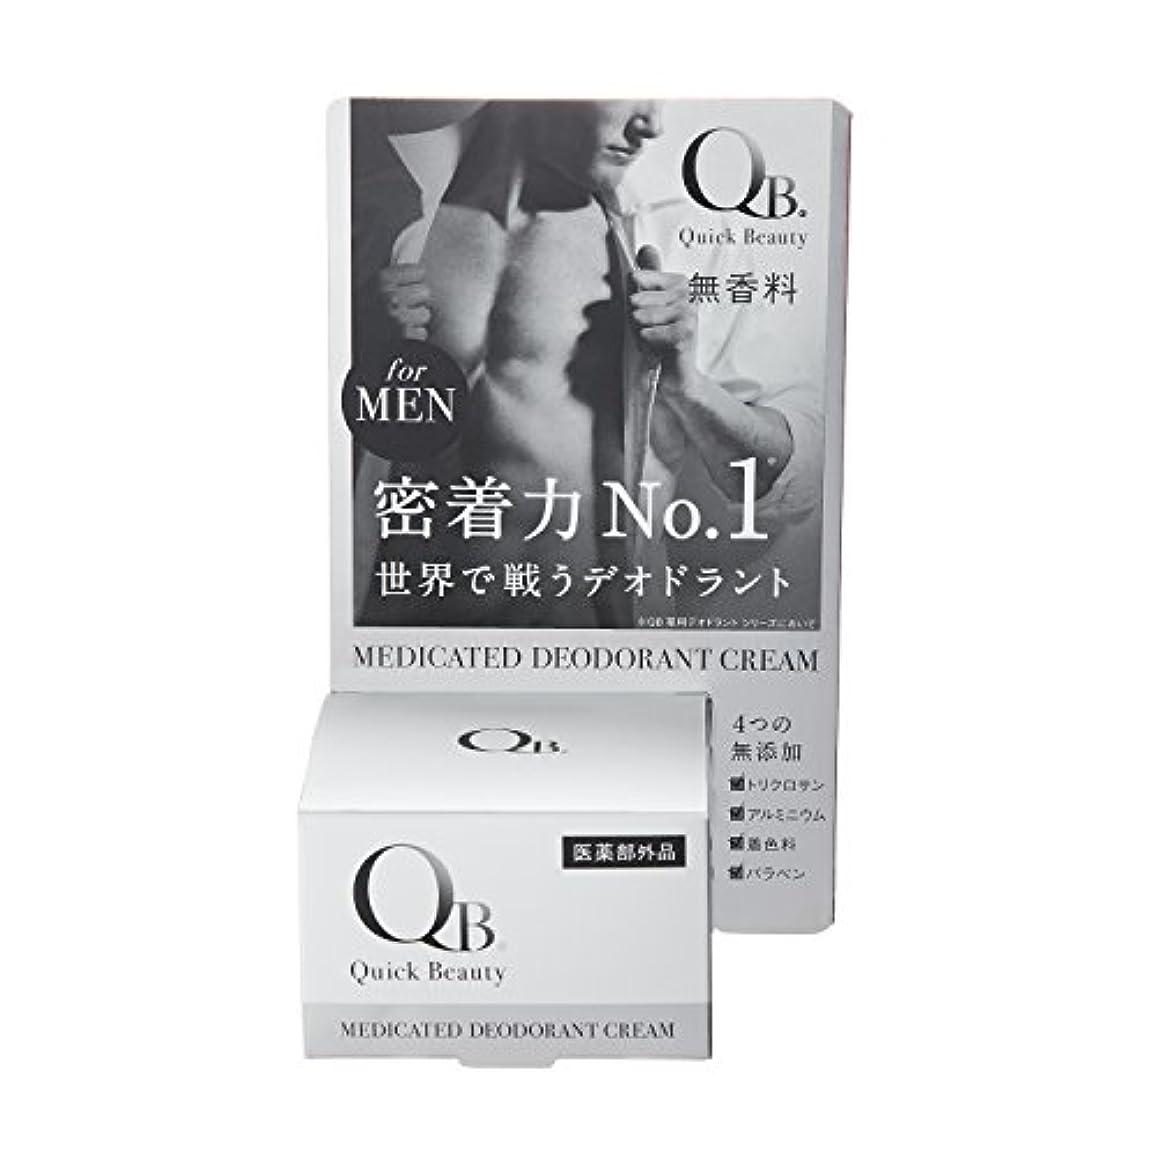 無人恥合図QB 薬用デオドラントクリーム メンズ 30g